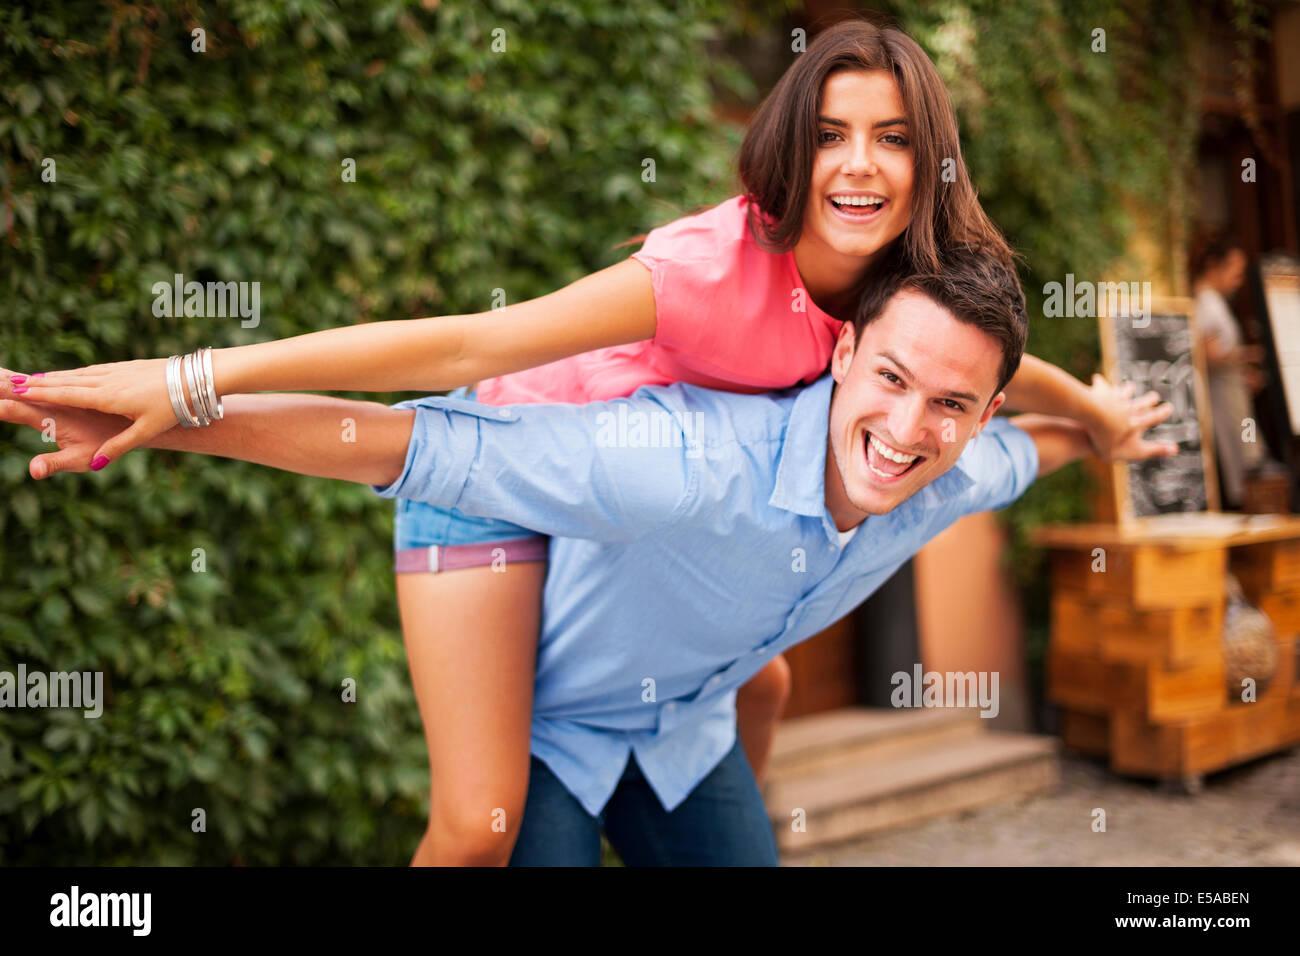 Junges Paar viel Spaß während des Datums, Debica, Polen Stockbild